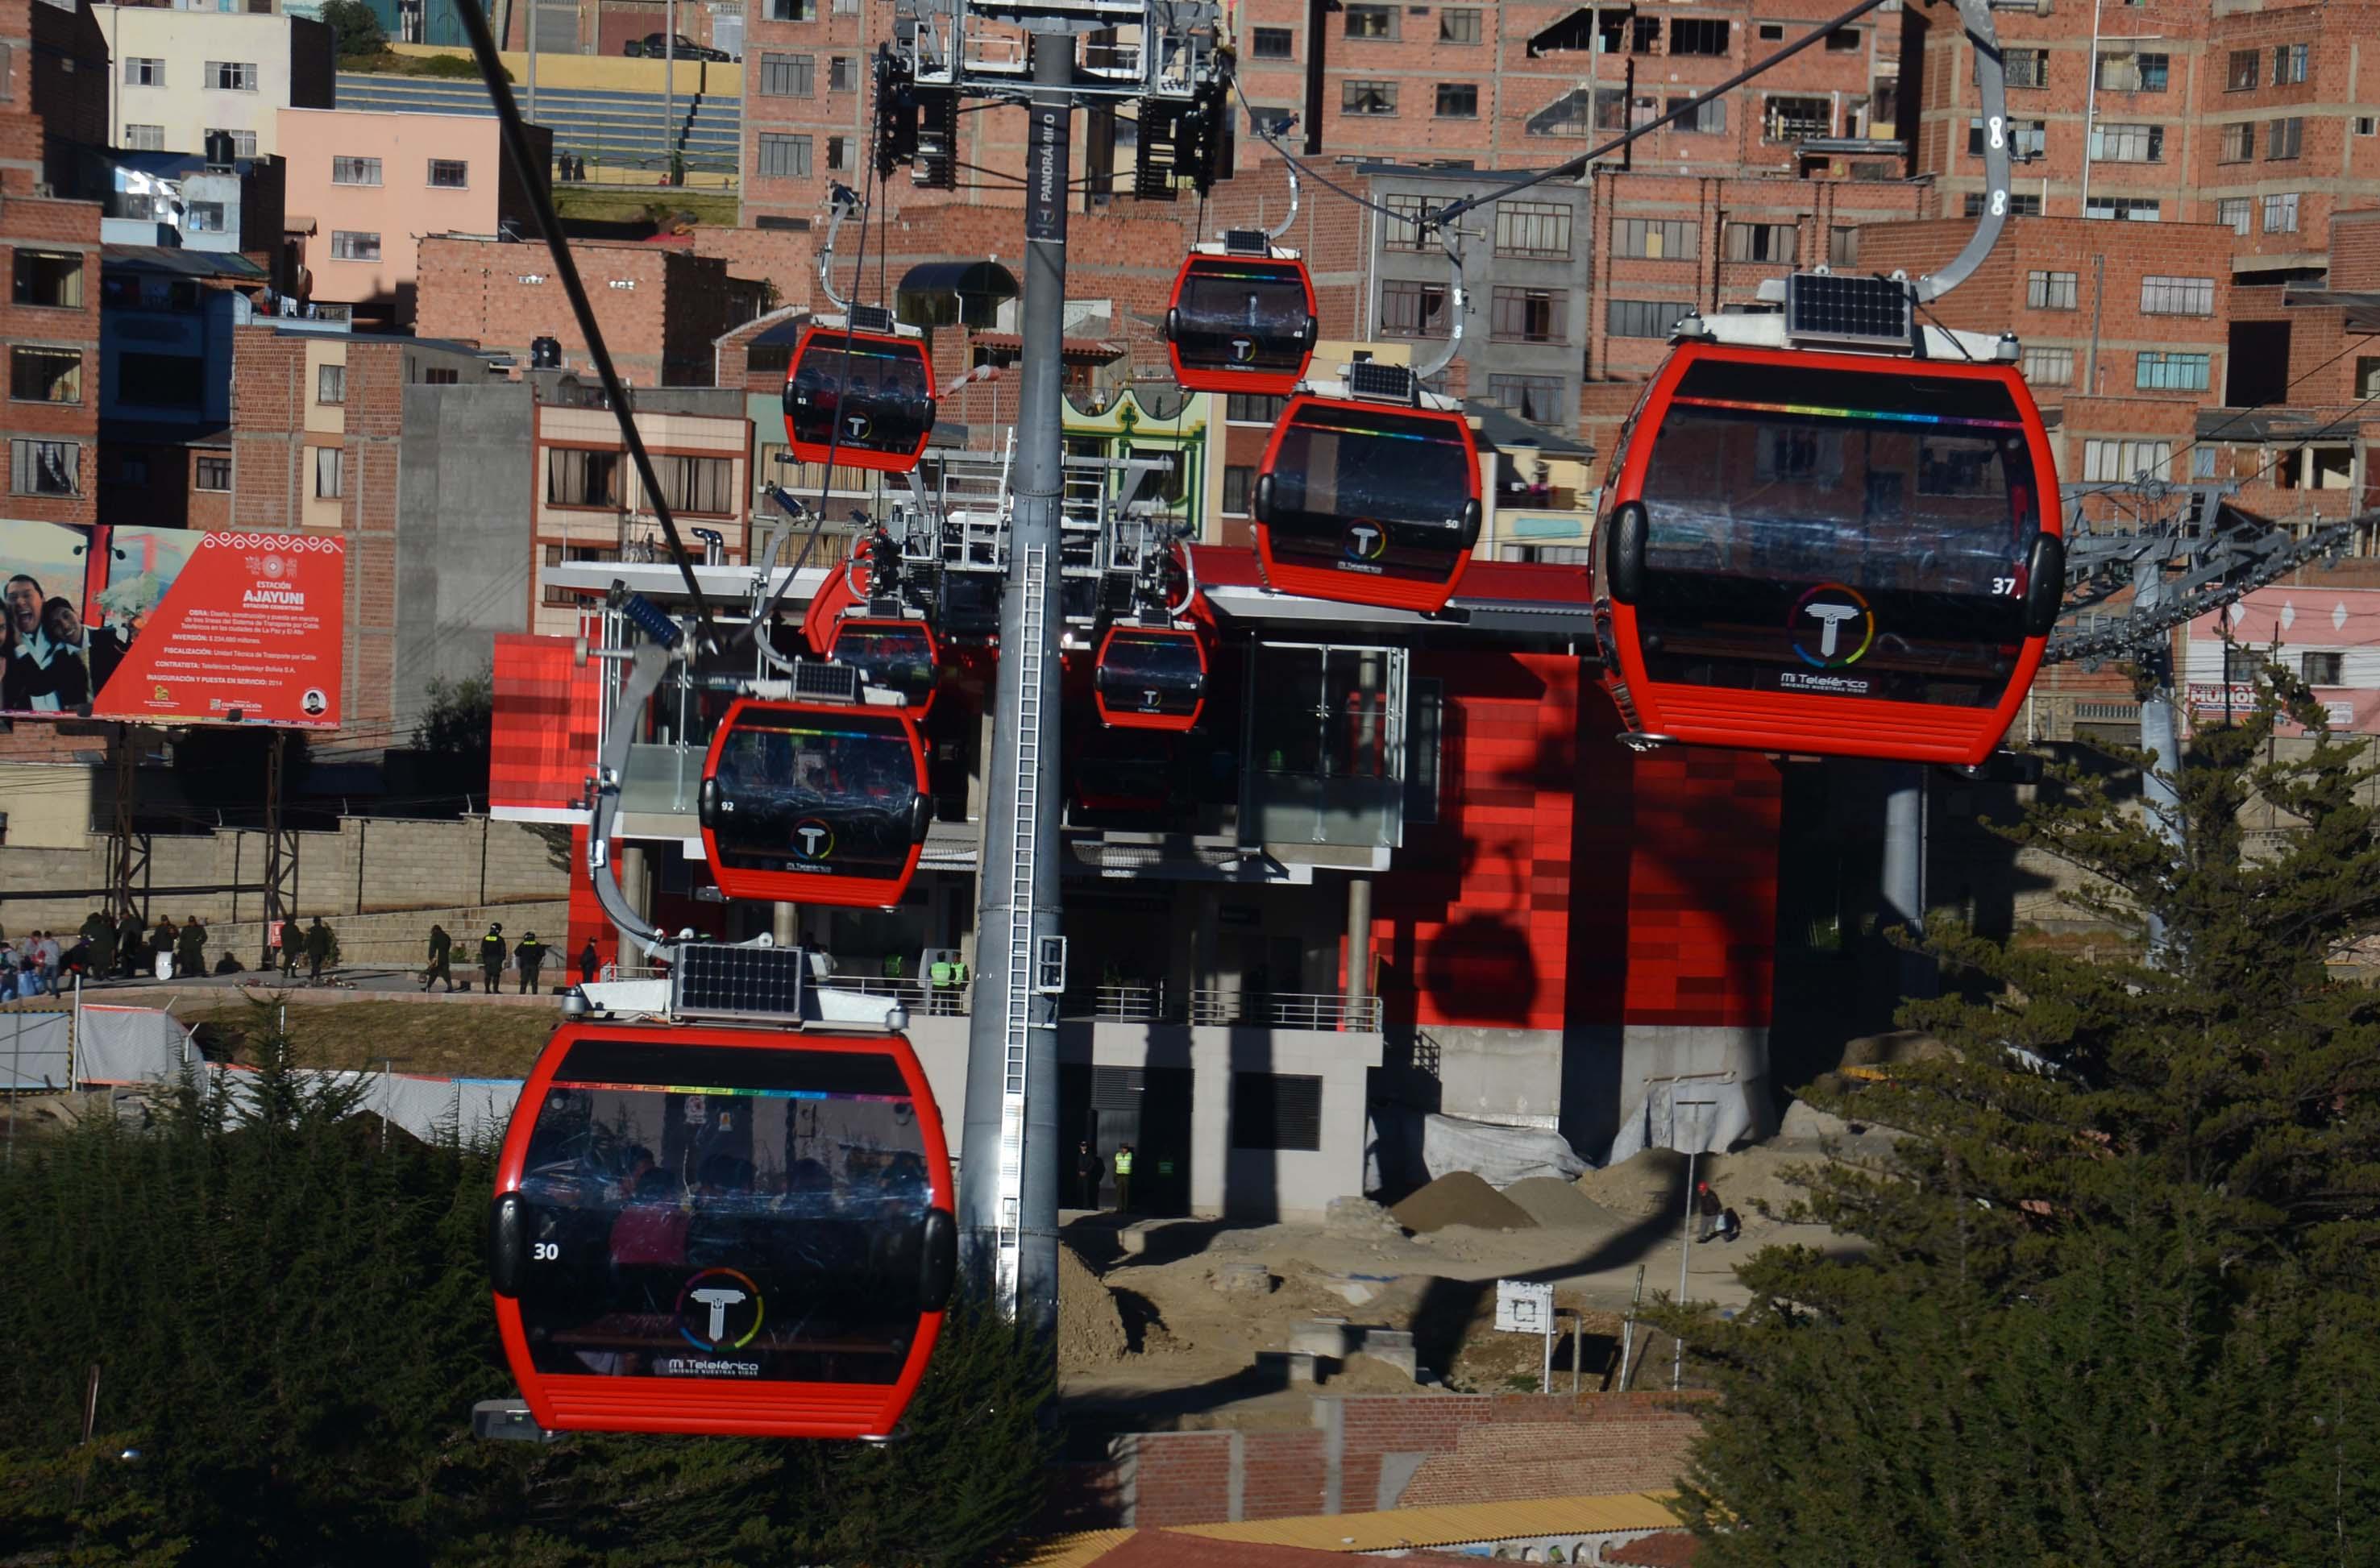 Línea Morada del teleférico obtiene certificación para operar (Dockweiler)